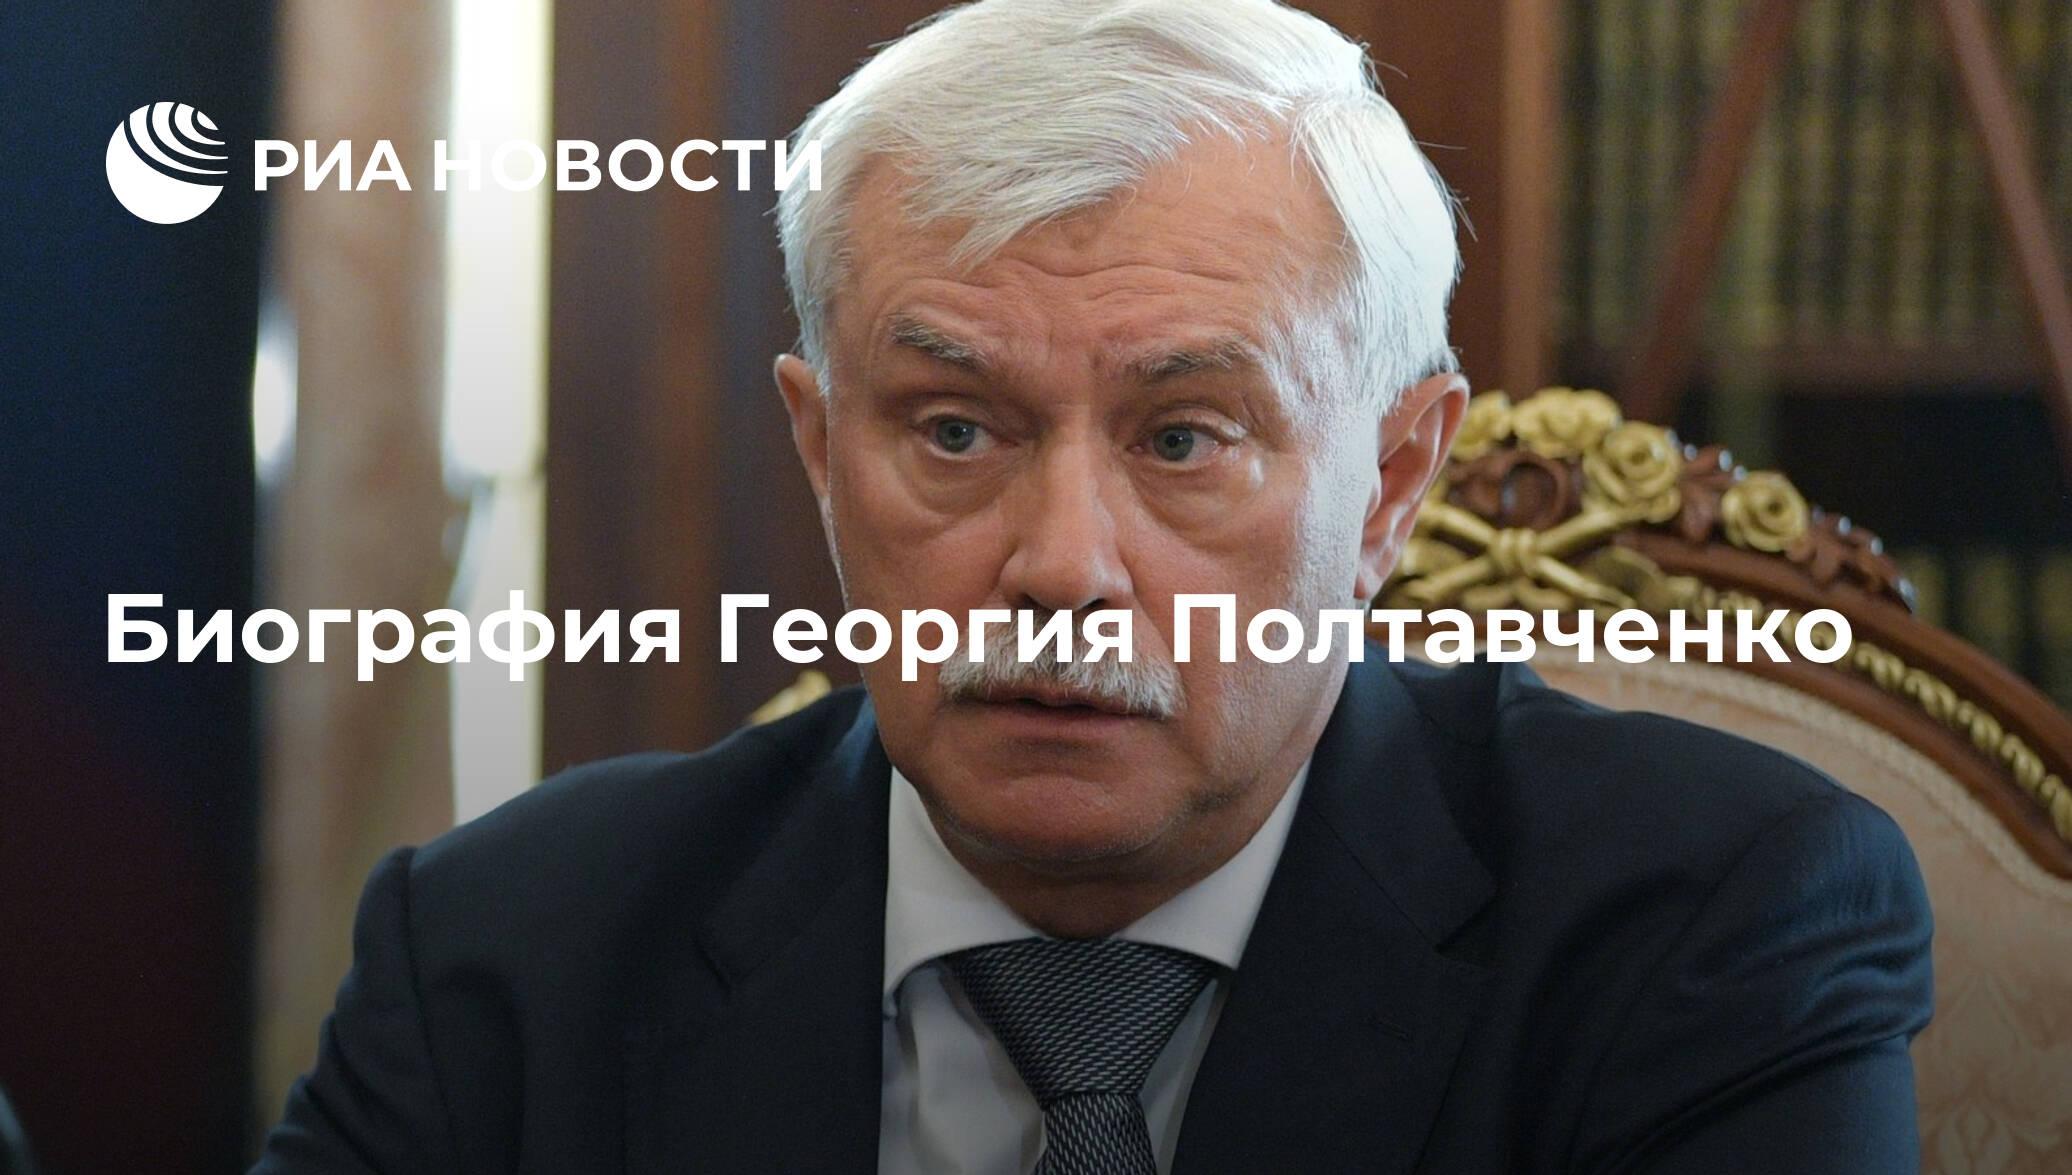 Кандидат в губернаторы Санкт-Петербурга Георгий Полтавченко.